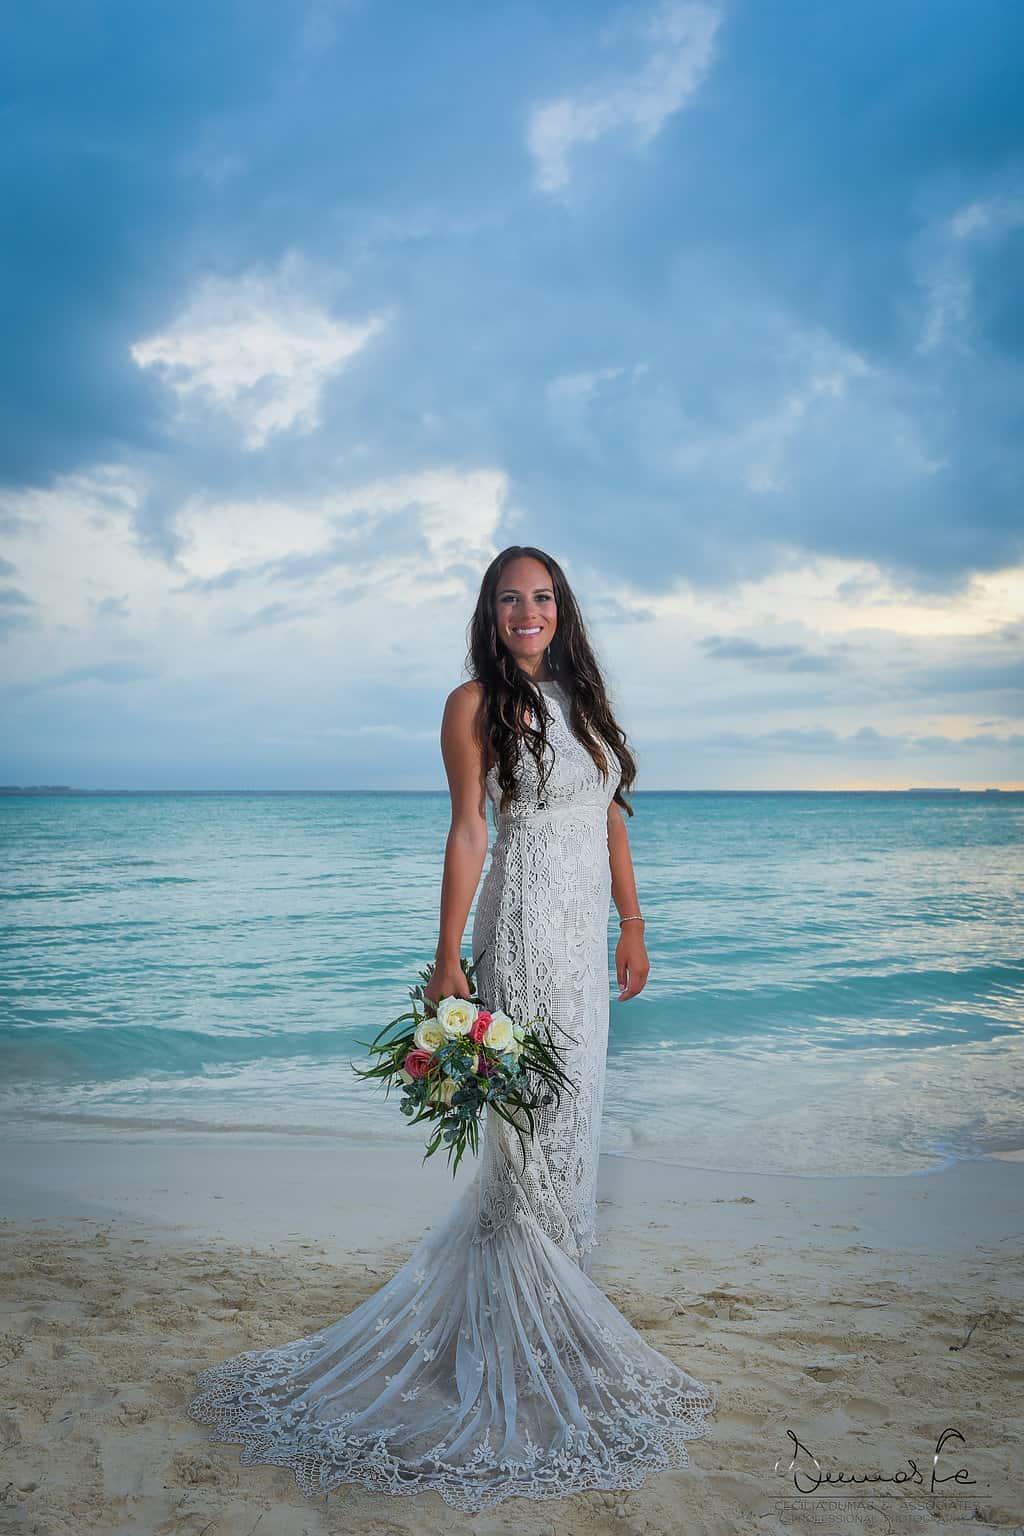 islamujeres-buhos-weddingphotography-courtneyneal52